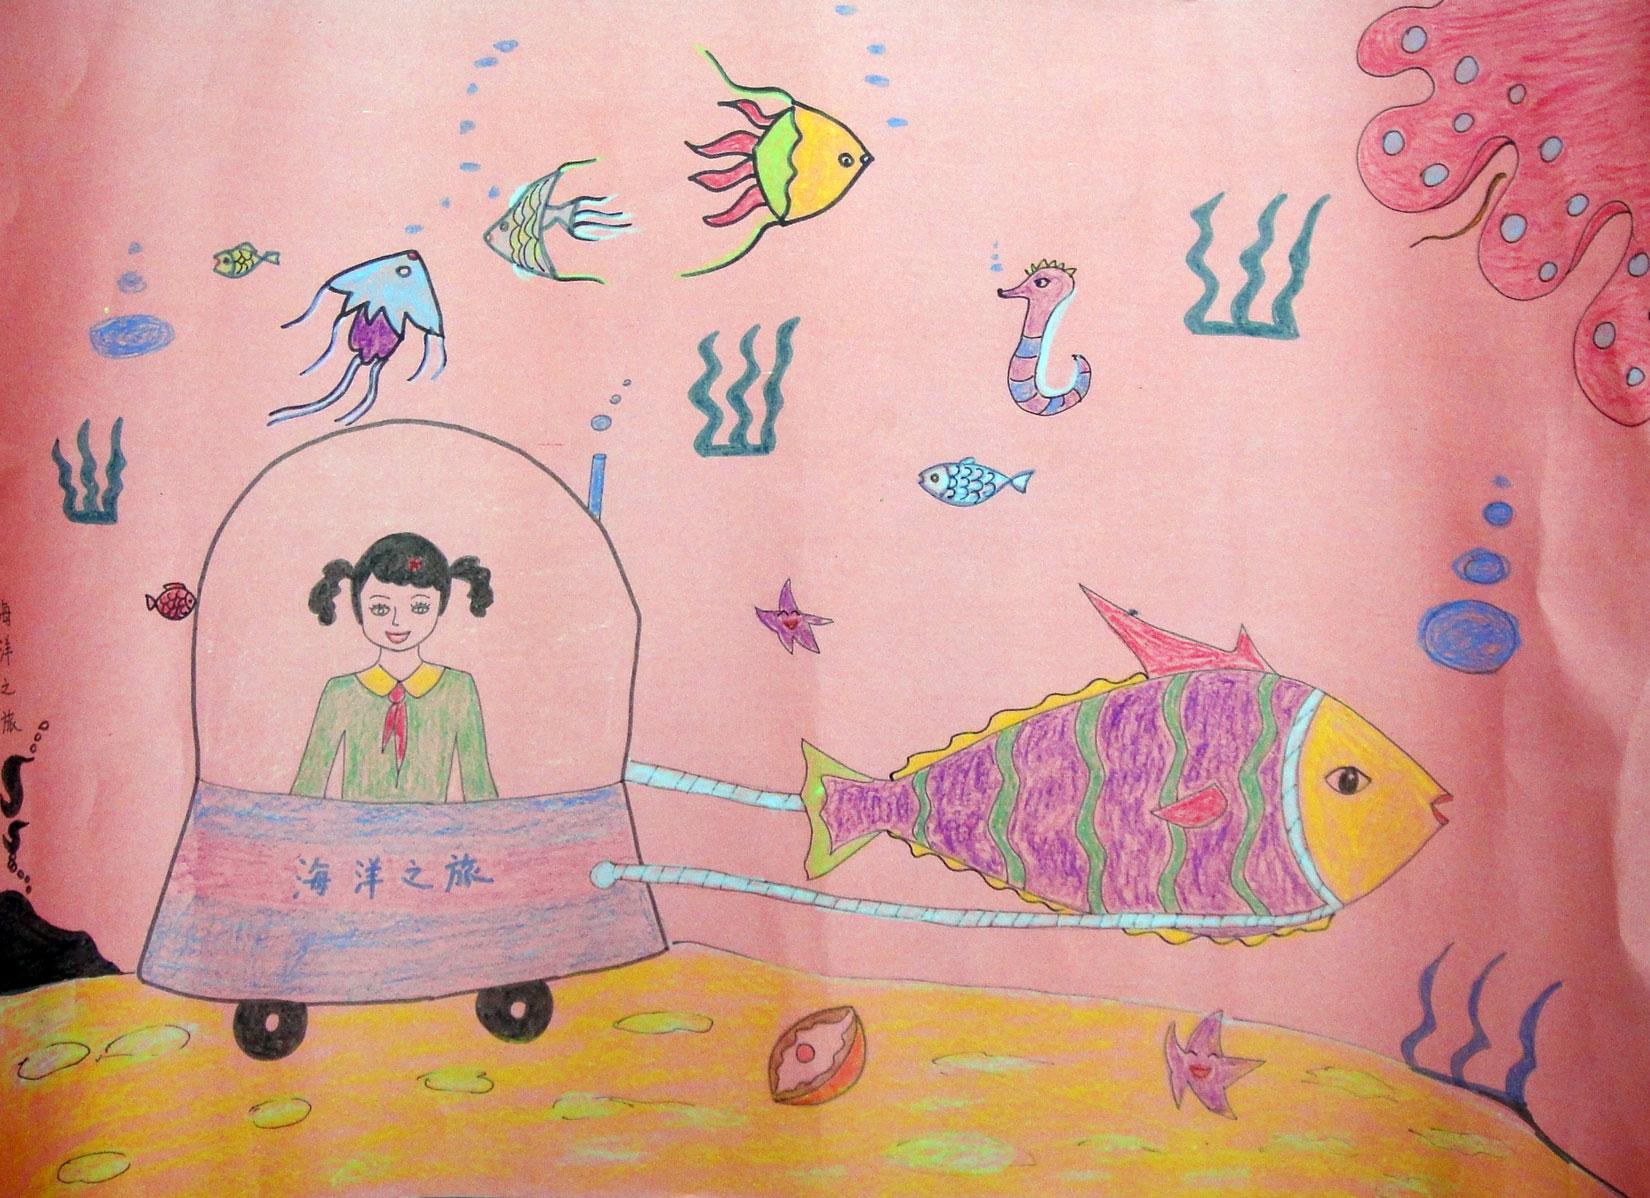 海洋儿童画图片大全集